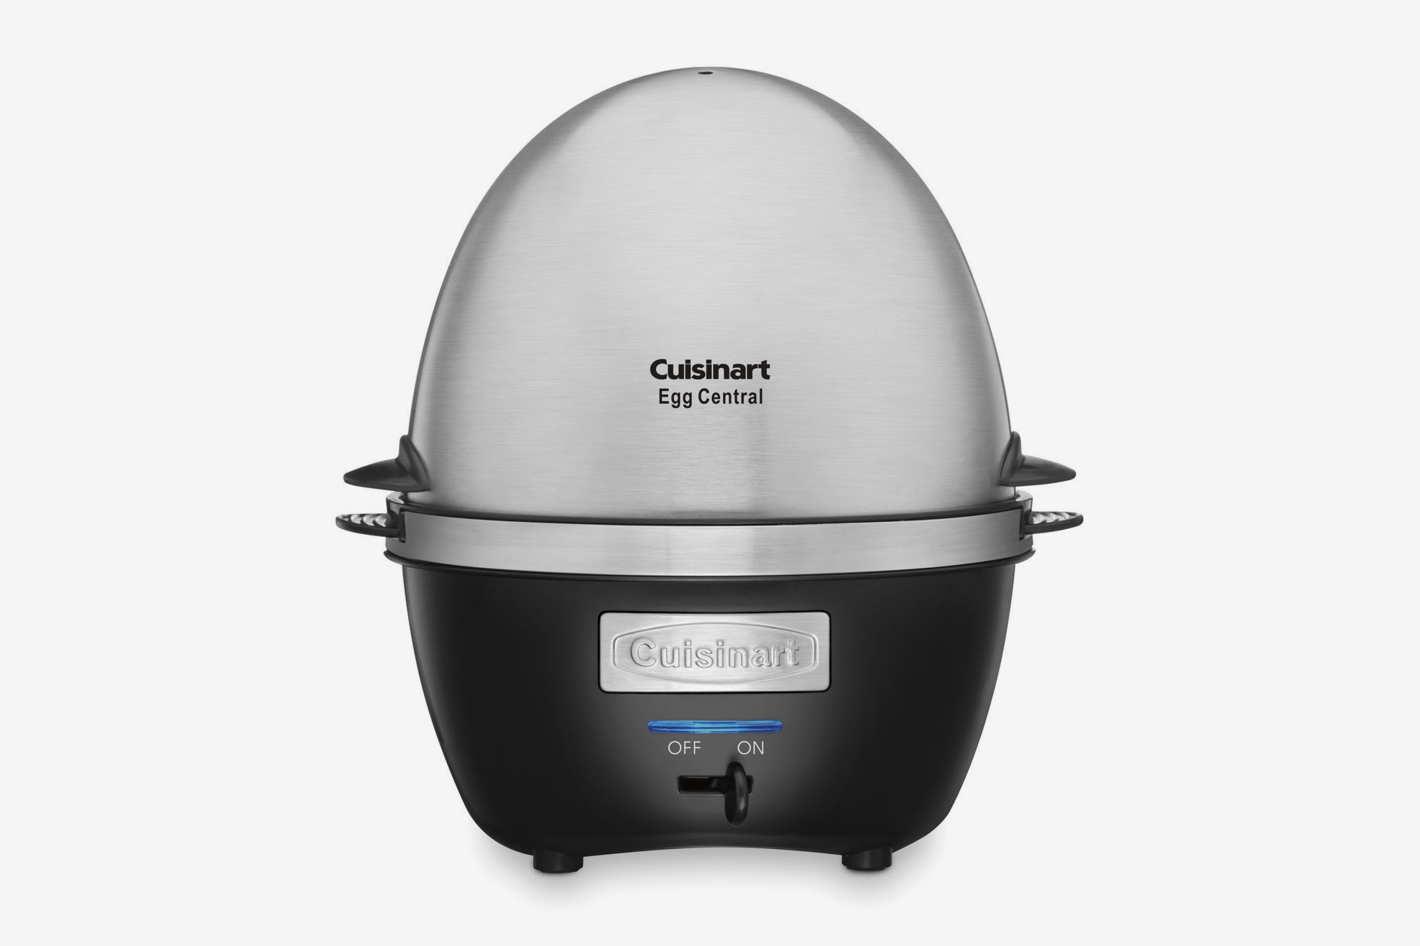 henrietta hen egg cooker instructions